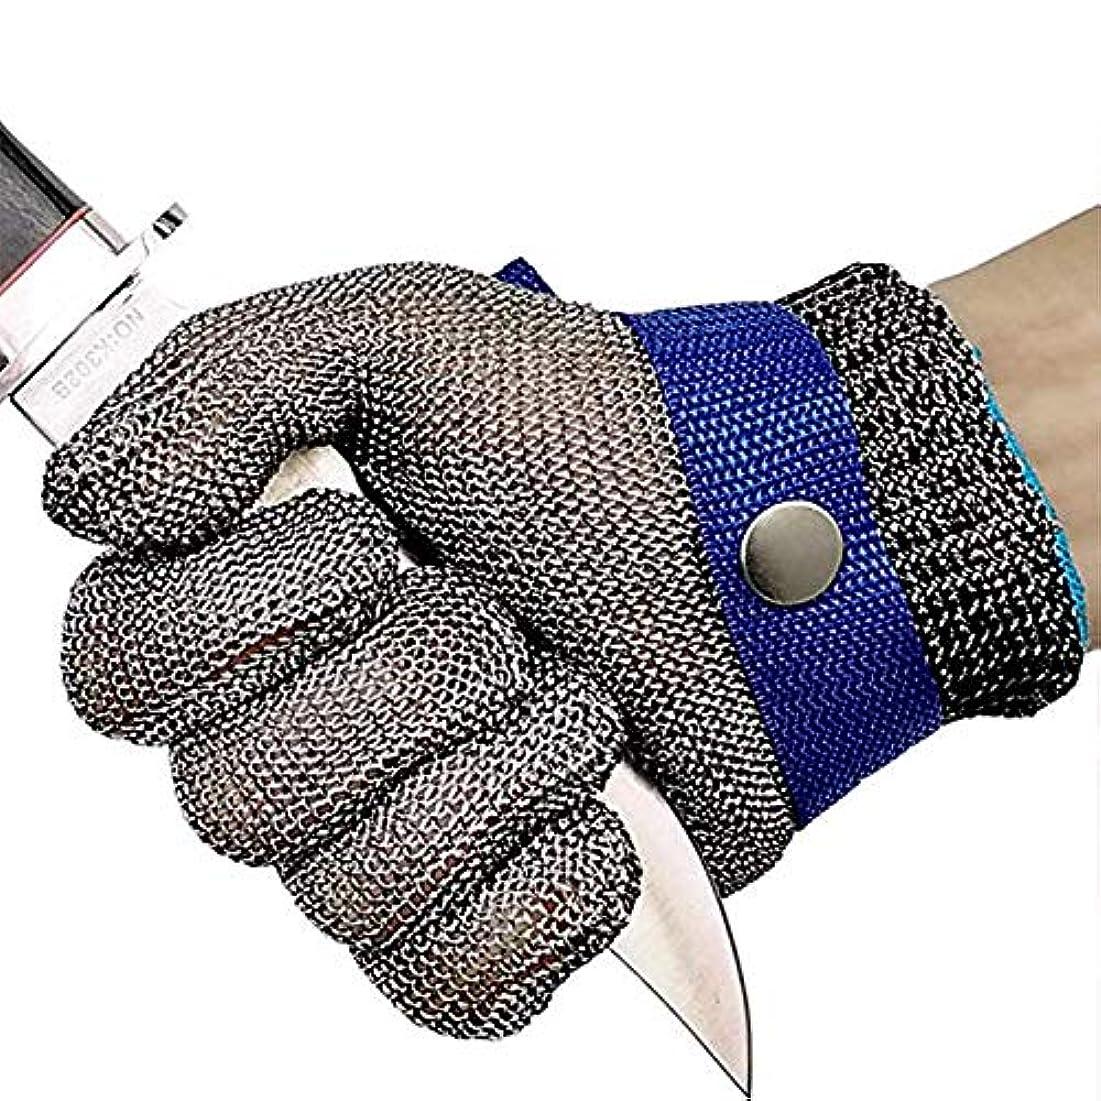 手錠ストレス色合い切断するためのカット性手袋、ステンレススチールワイヤーメタルメッシュブッチャー安全作業手袋、スライスチョッピングとピーリング,S